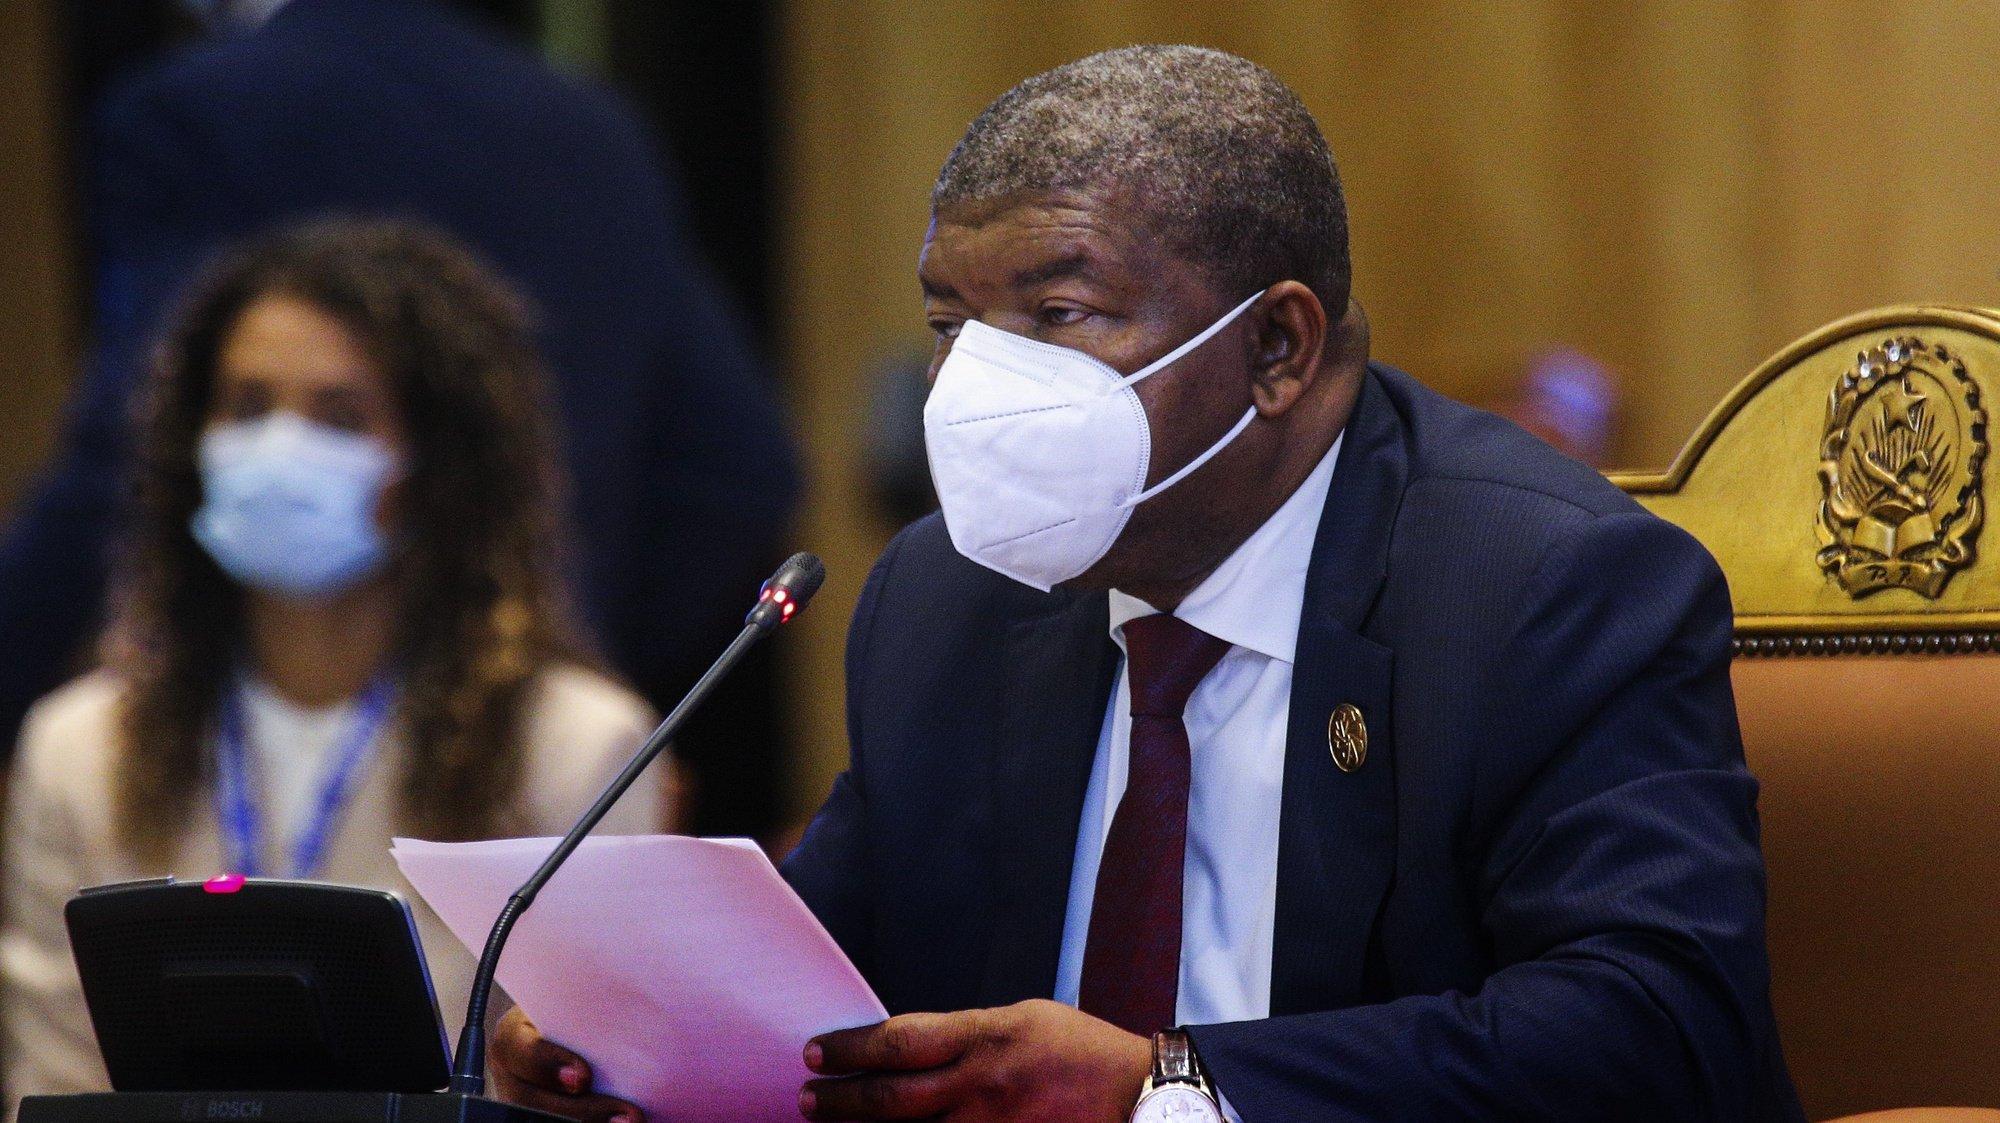 O Presidente da República de Angola, João Lourenço, intervém durante a XIII Conferência de Chefes de Estado e de Governo da Comunidade dos Países de Língua Portuguesa (CPLP), em Luanda, Angola, 17 de julho de 2021. AMPE ROGÉRIO/LUSA